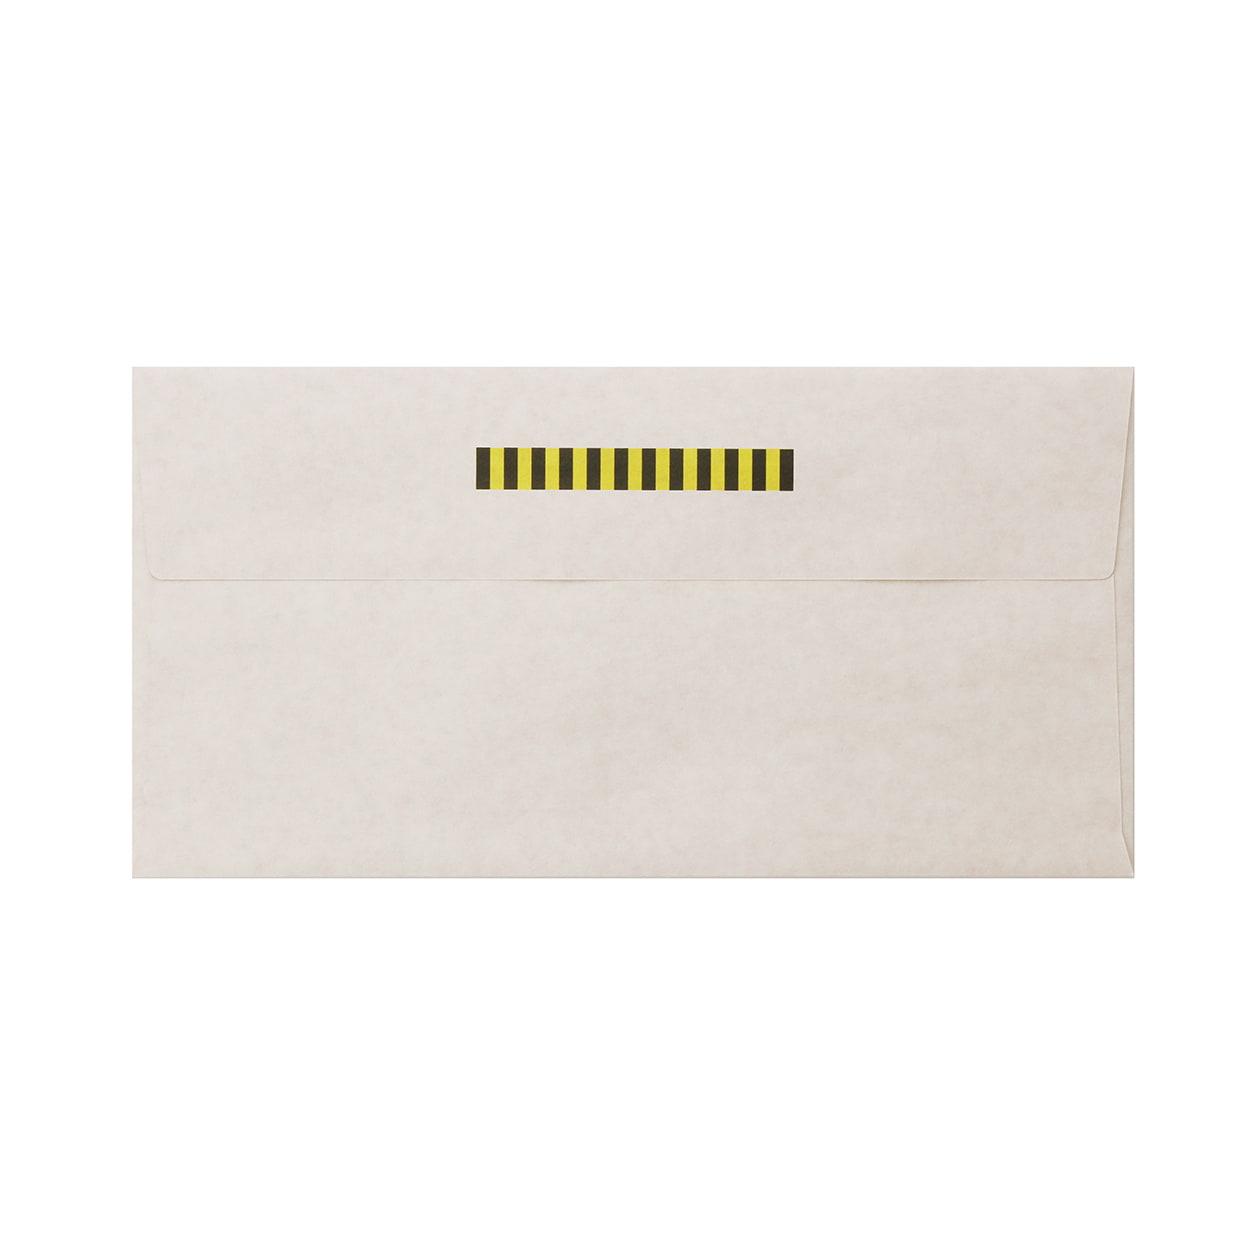 見本 00005 長3カマス封筒 ホワイトクラフト 100g